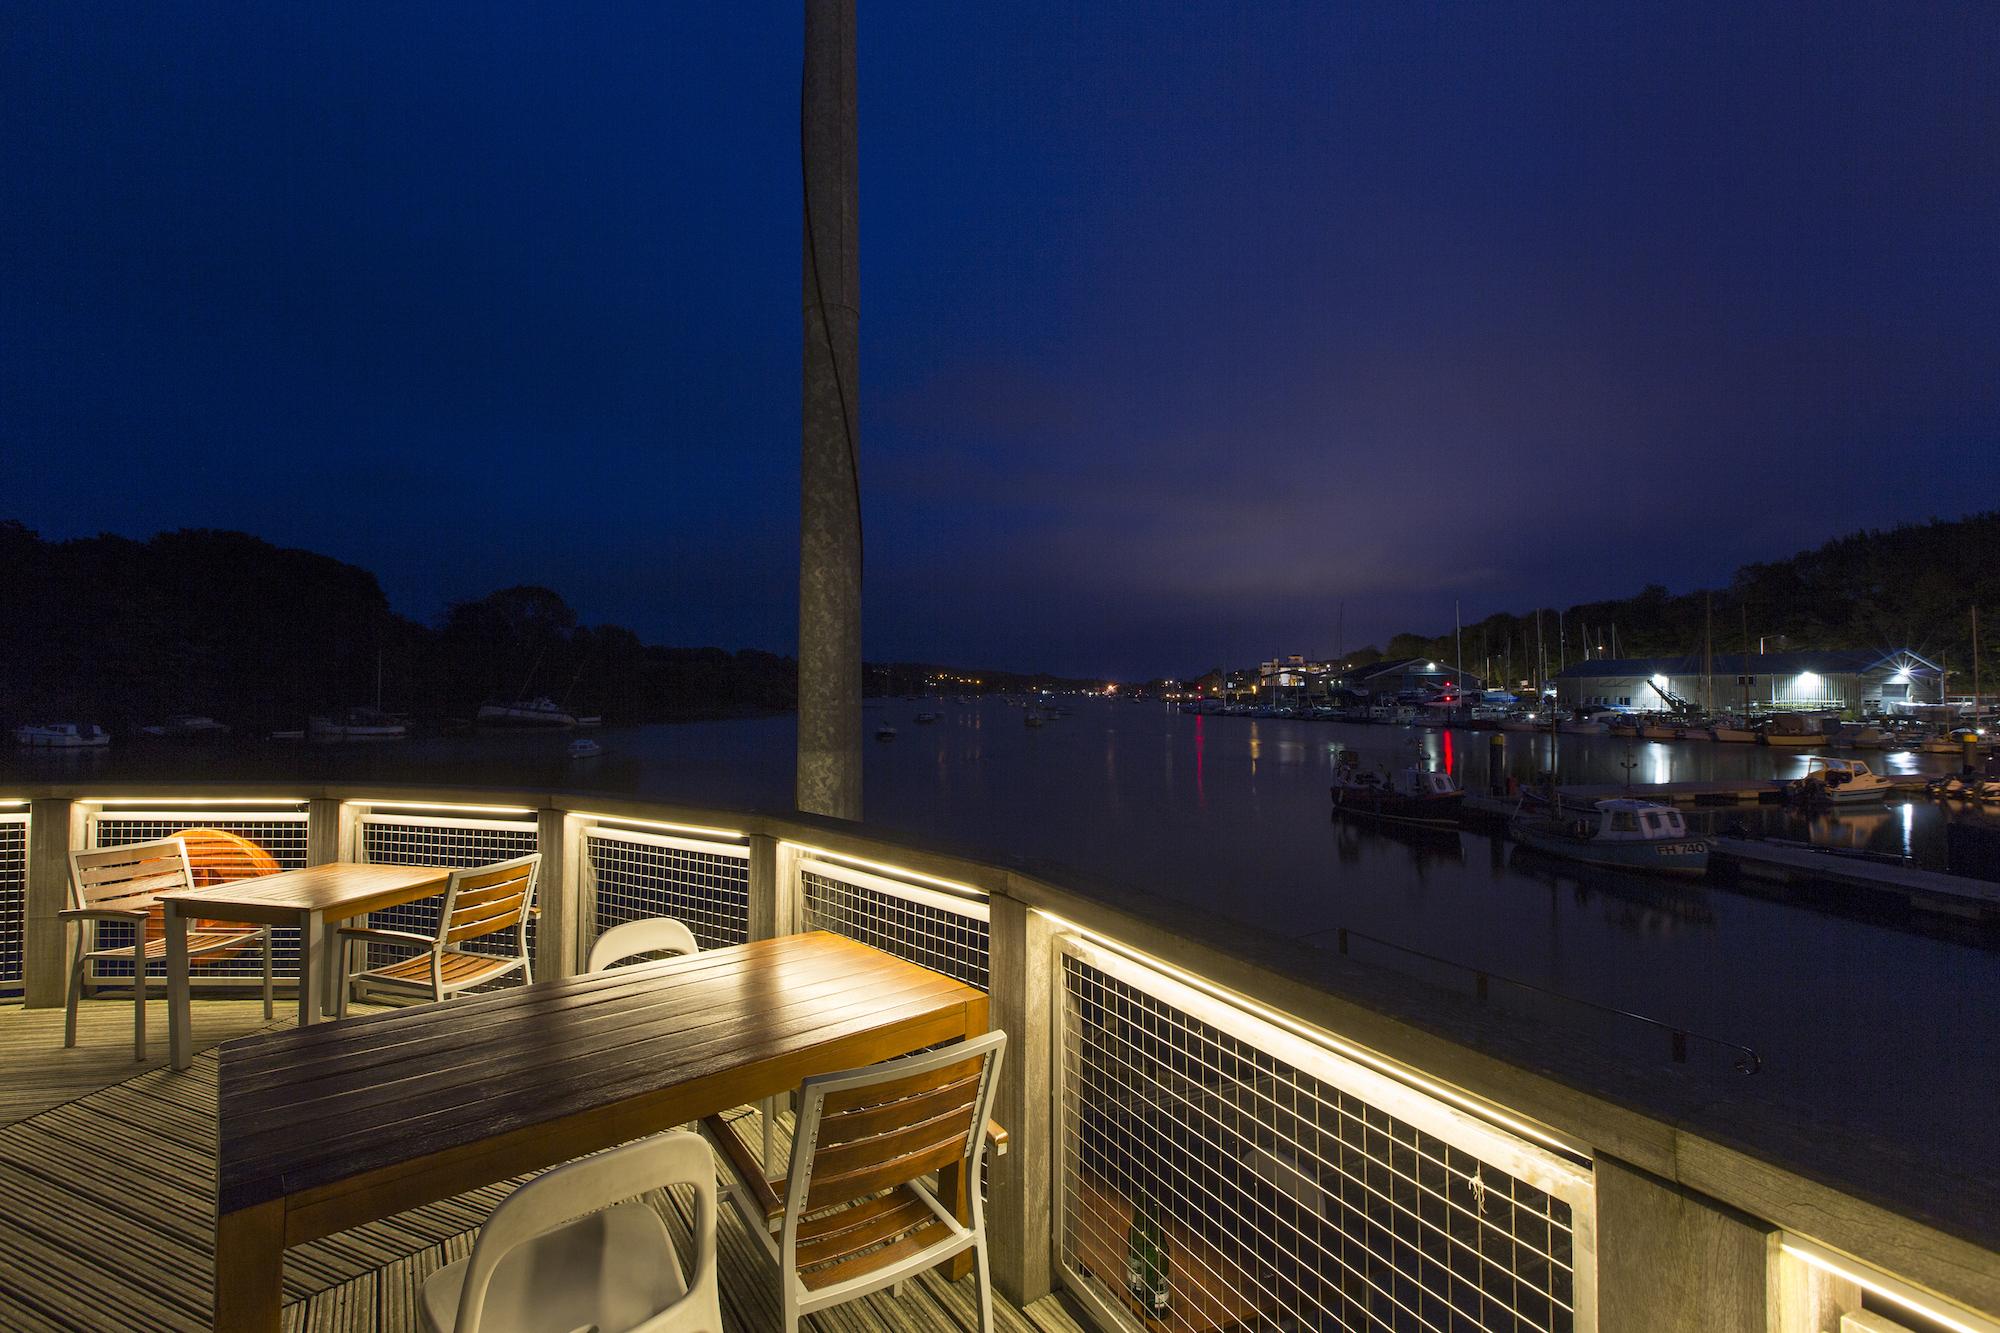 eleanor-bell-river-restaurant-lighting-led-strip.jpg